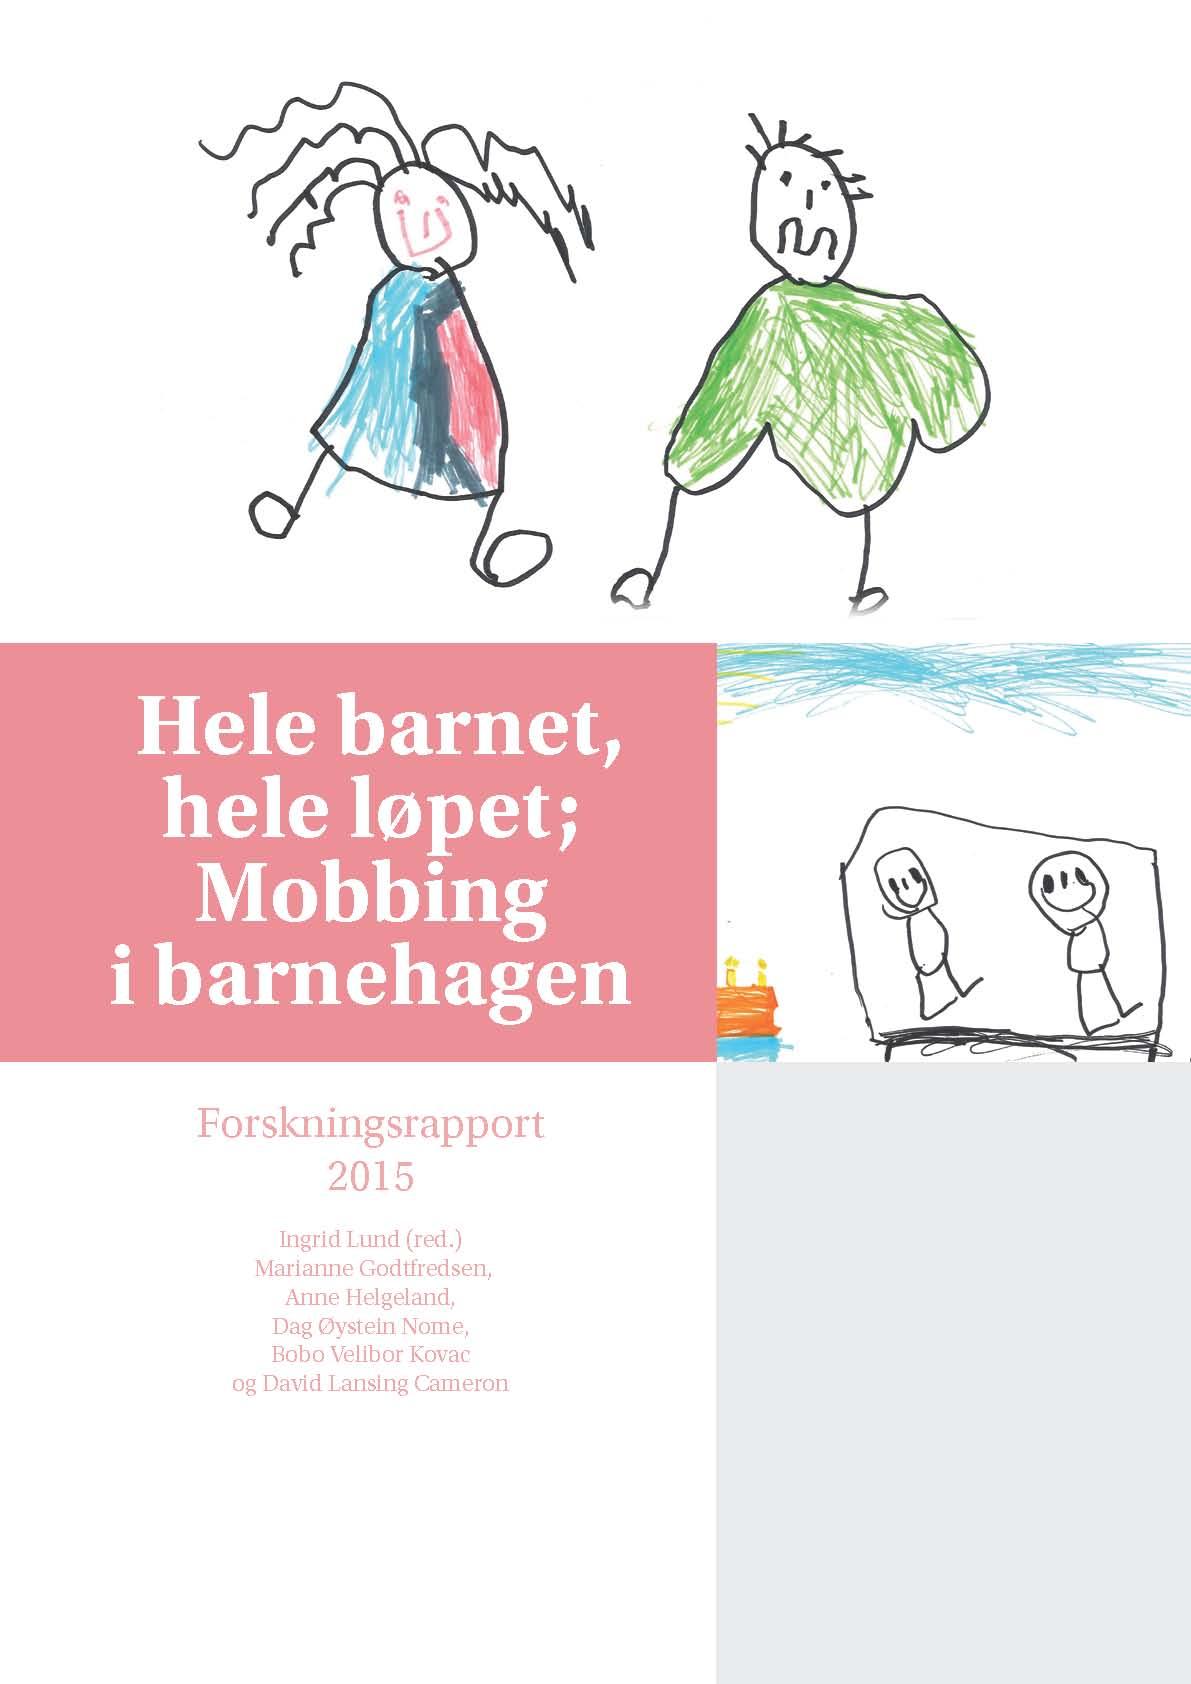 Hele barnet - hele løpet; Mobbing i barnehagen - forskningsrapport 2015 (bokmål, bilde av forsiden)